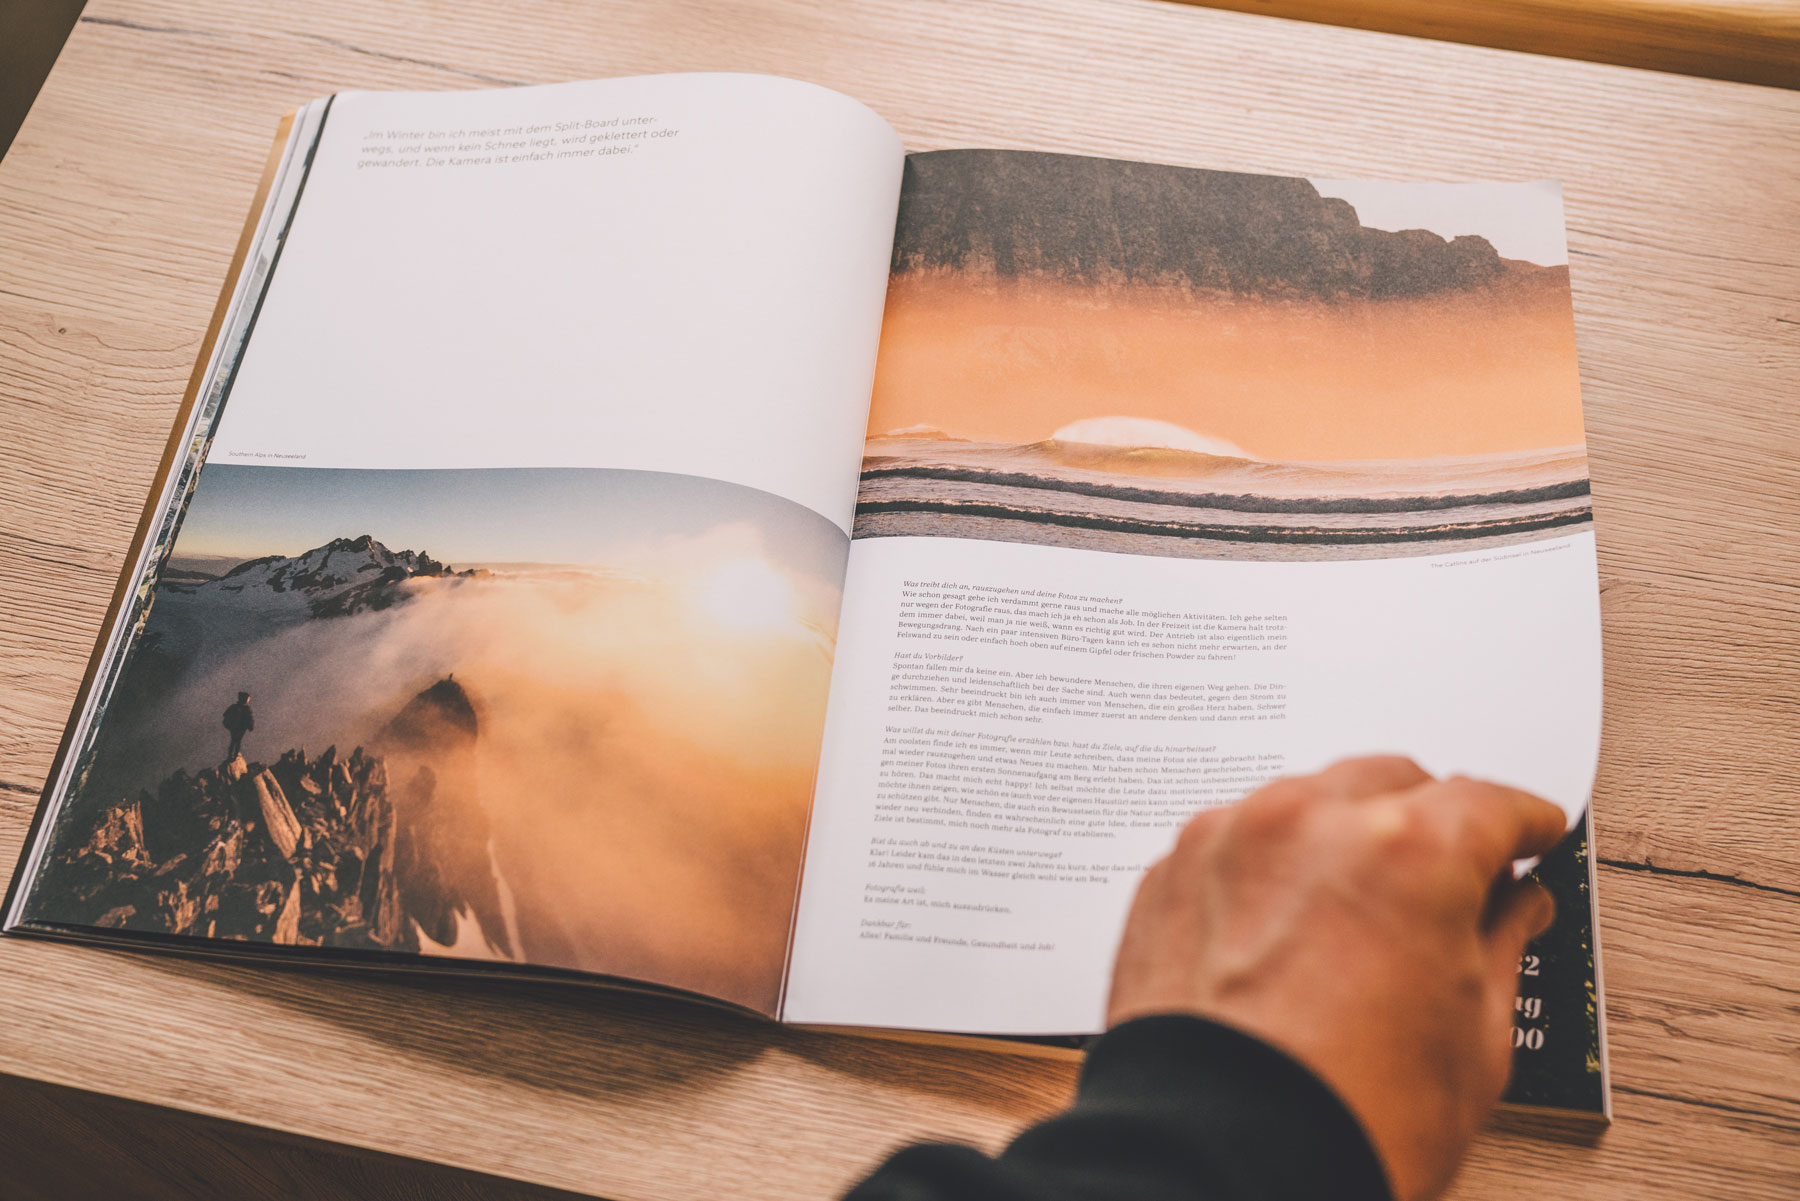 RomanKoenigshofer_WavesAndWoods_Magazine_Surf_Outdoor_Travel_Interview_Photographer_DSC04762